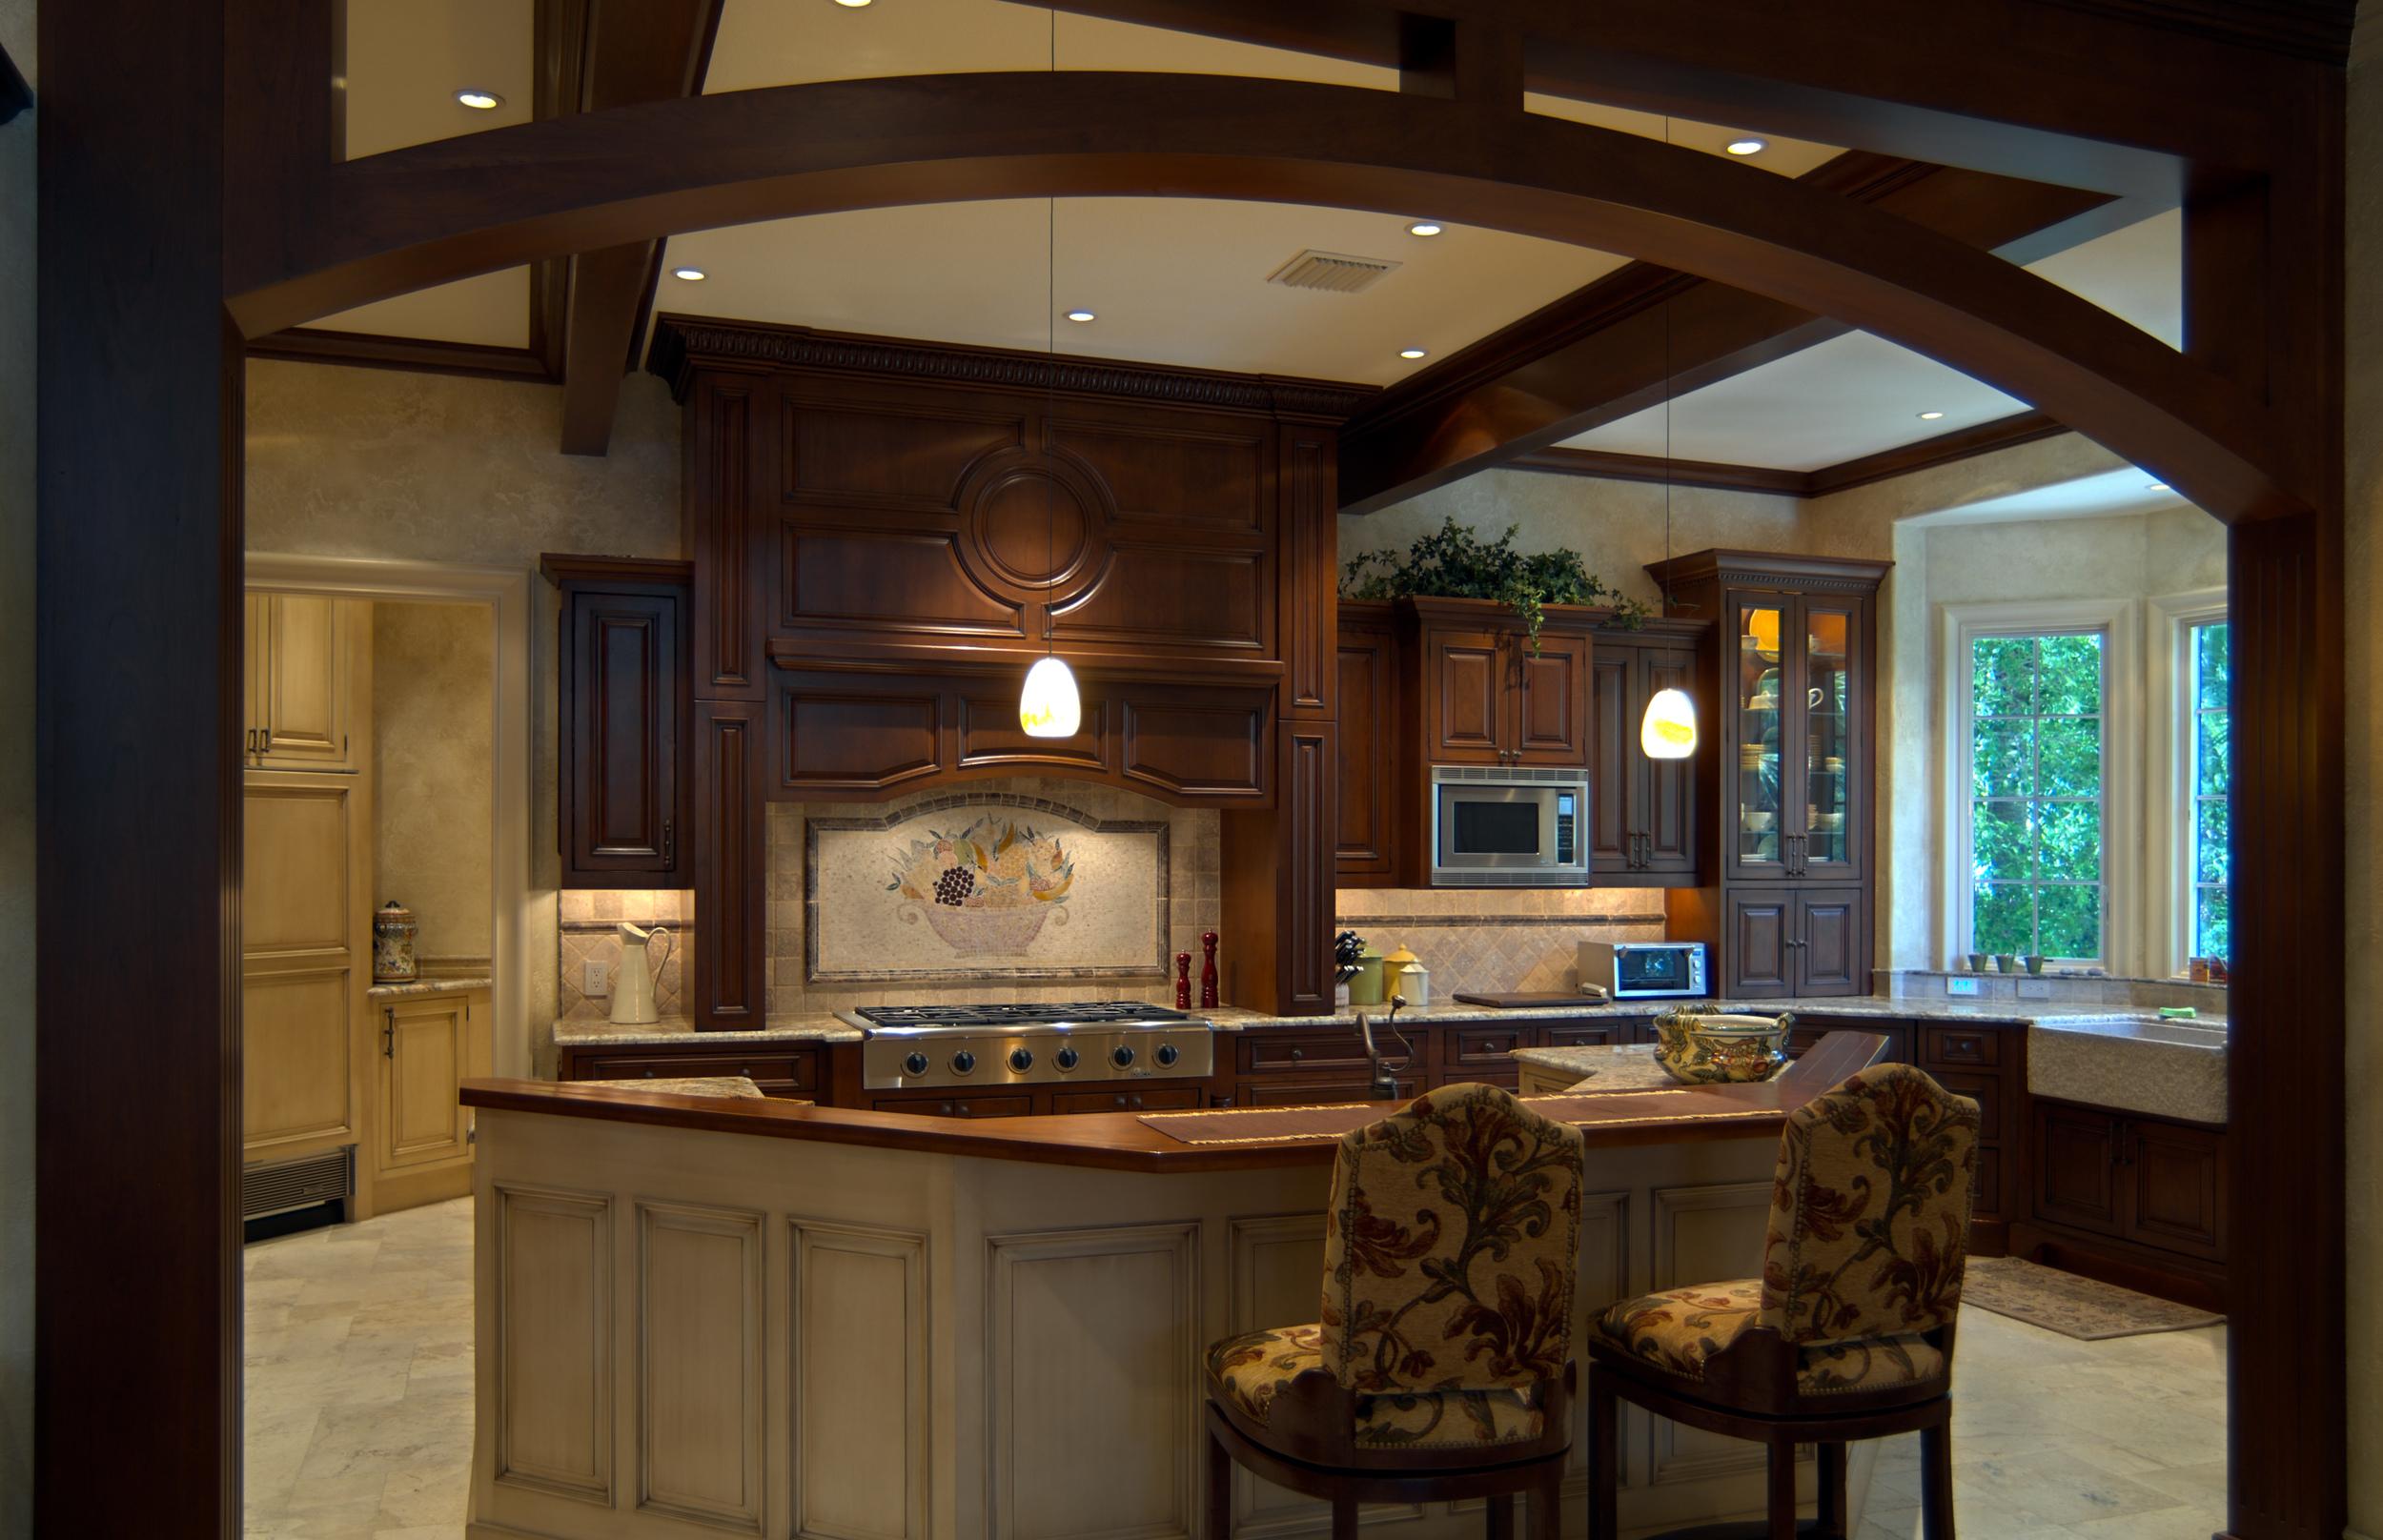 1-Kitchen 36-40.jpg